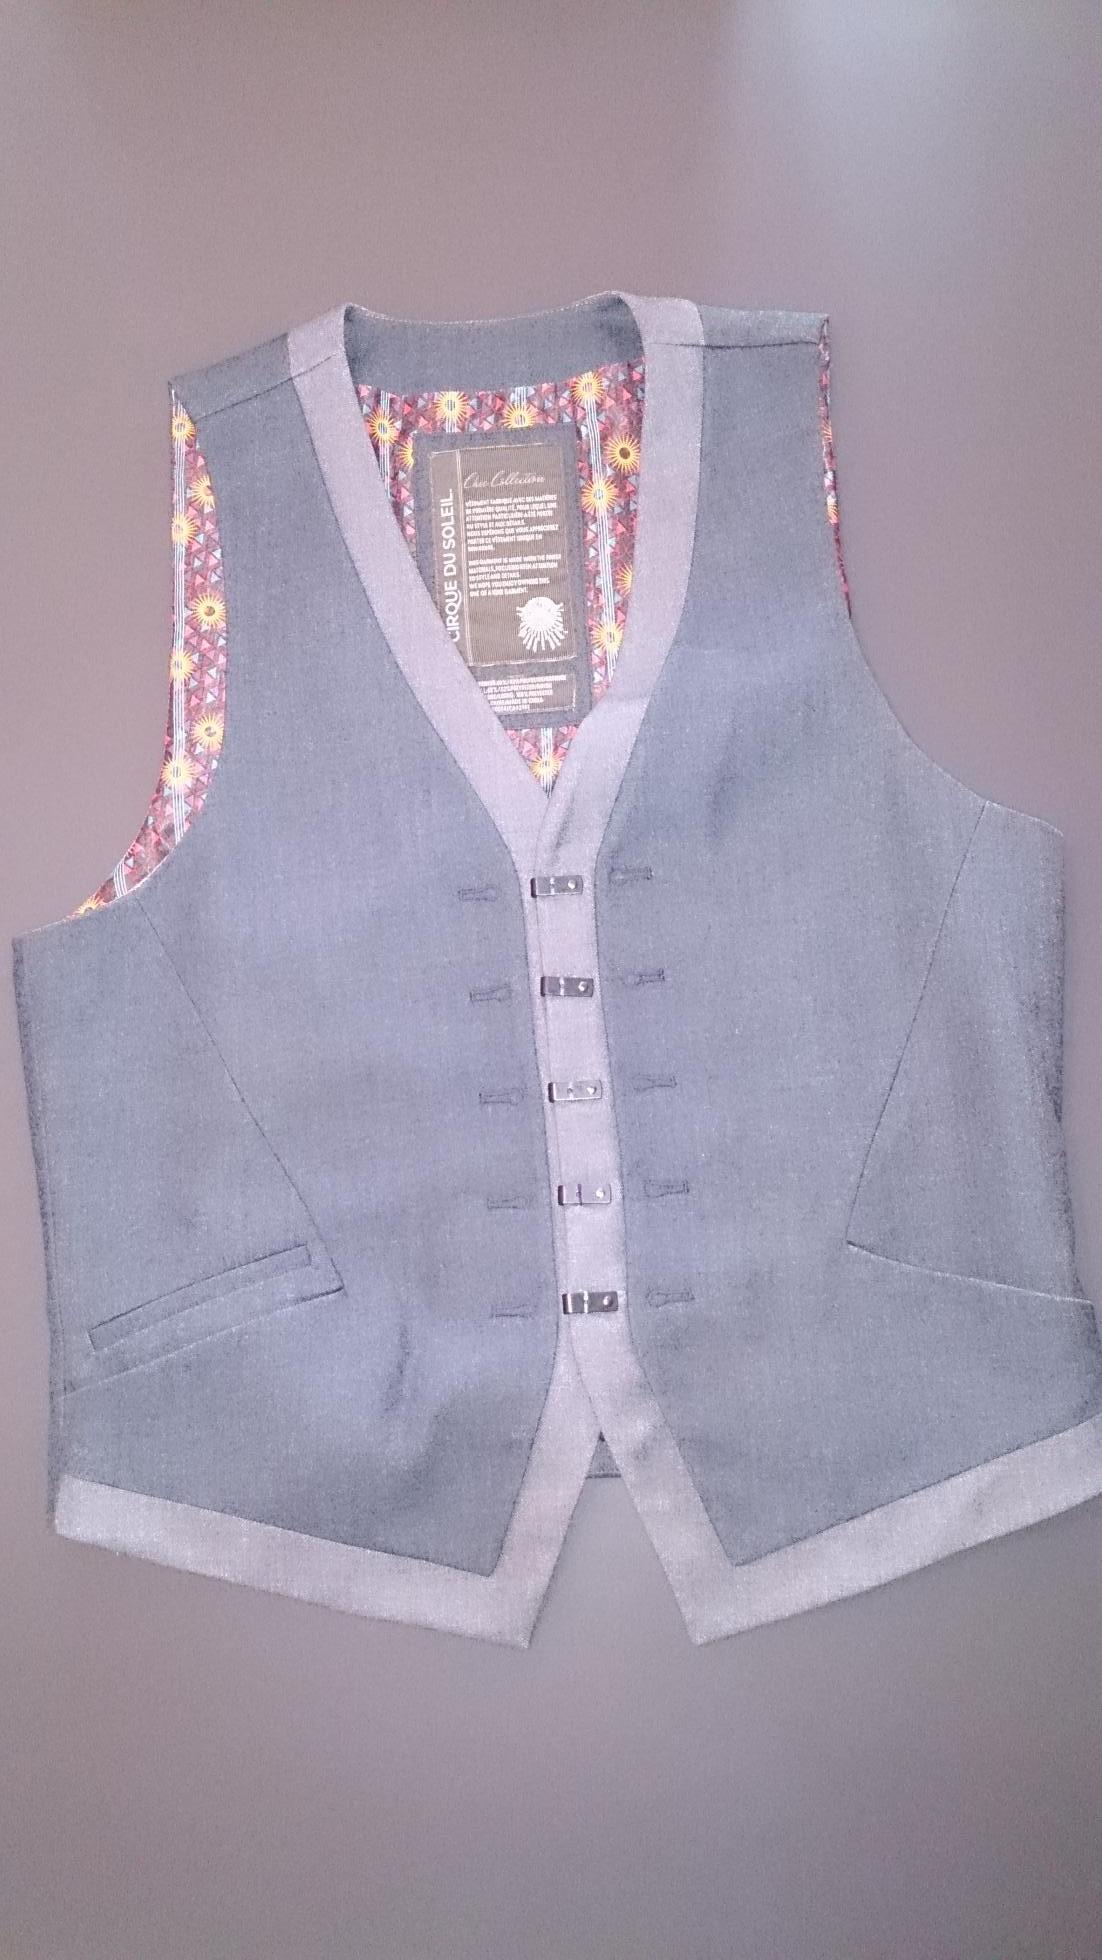 2015-11-30 Cirque Vest